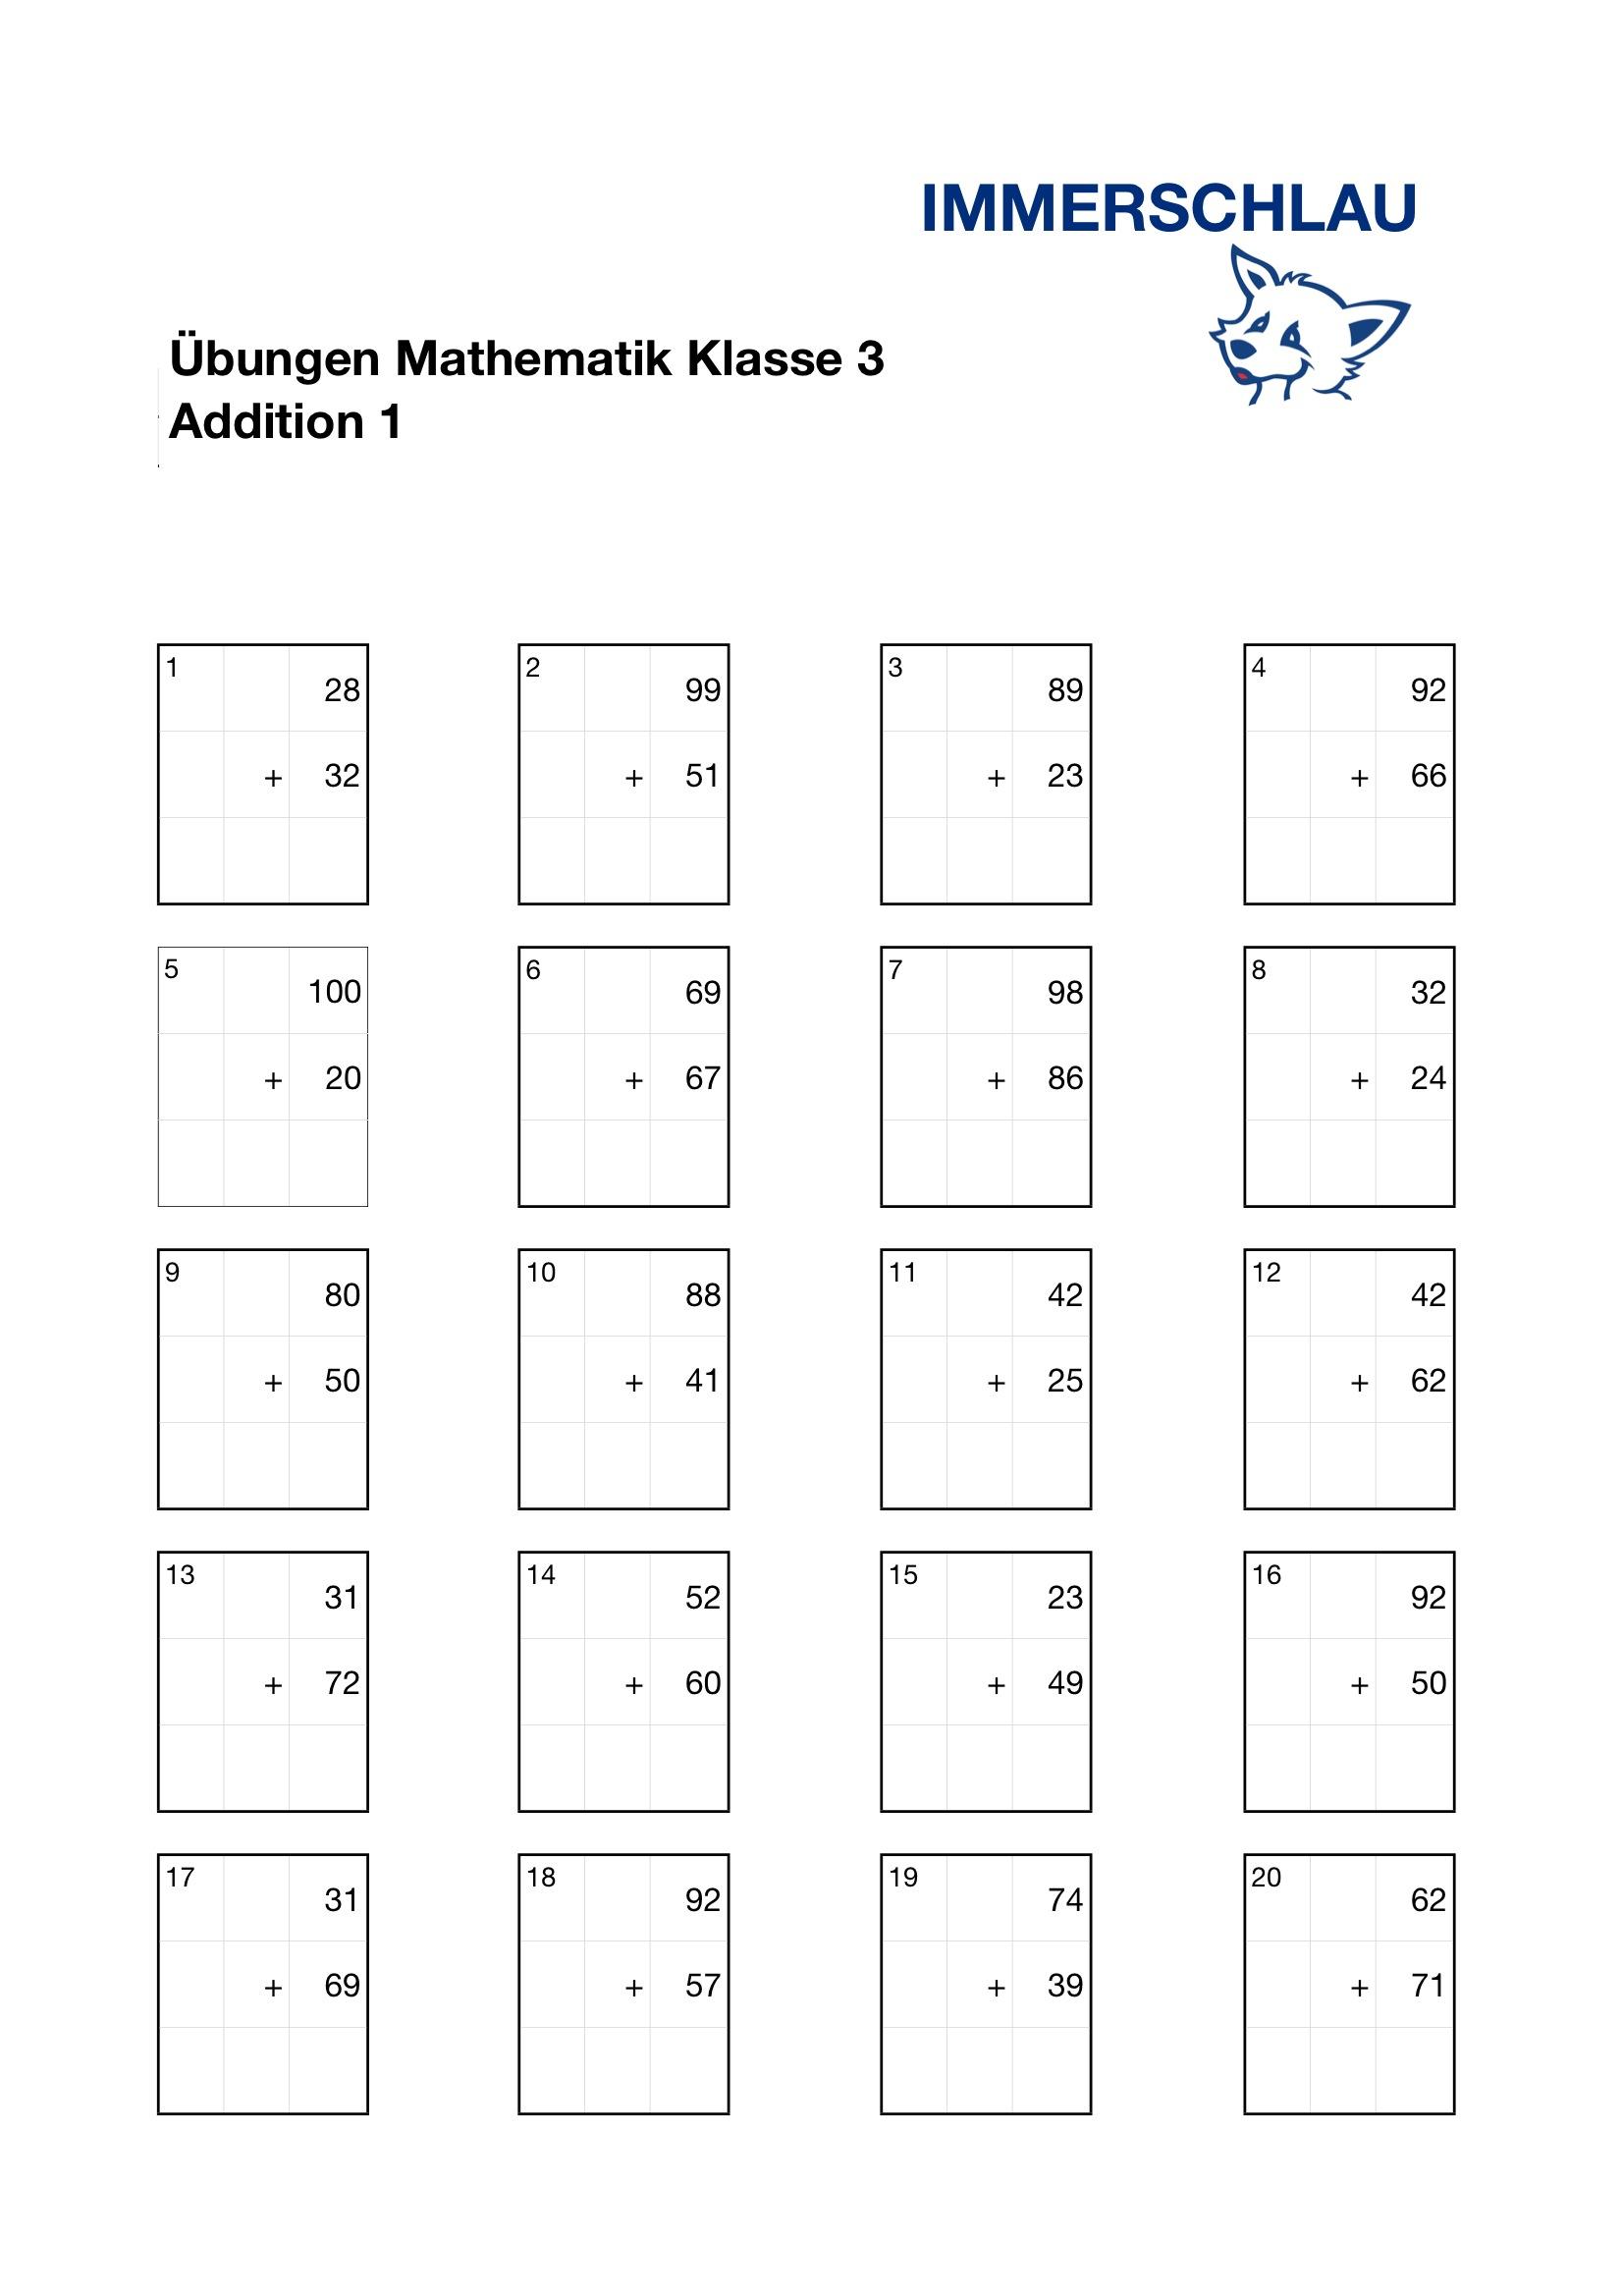 Übungsblätter Mathematik Klasse 3 – Addition – Immerschlau in Lernblätter Mathe